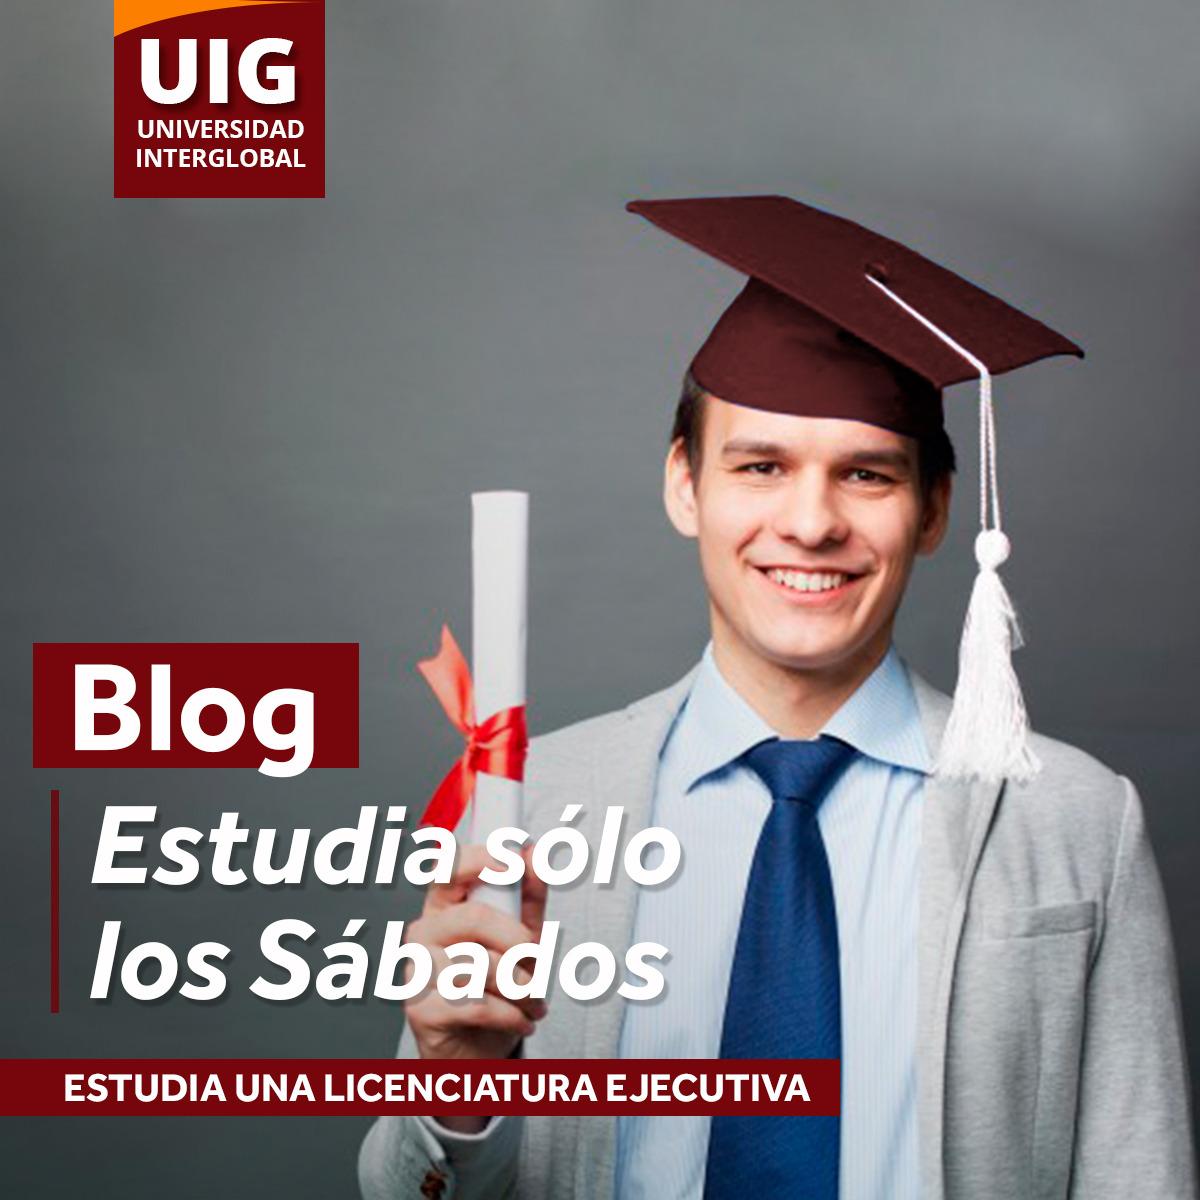 Estudia sólo los sábados. En UIG tenemos las razones para que te decidas a hacerlo.